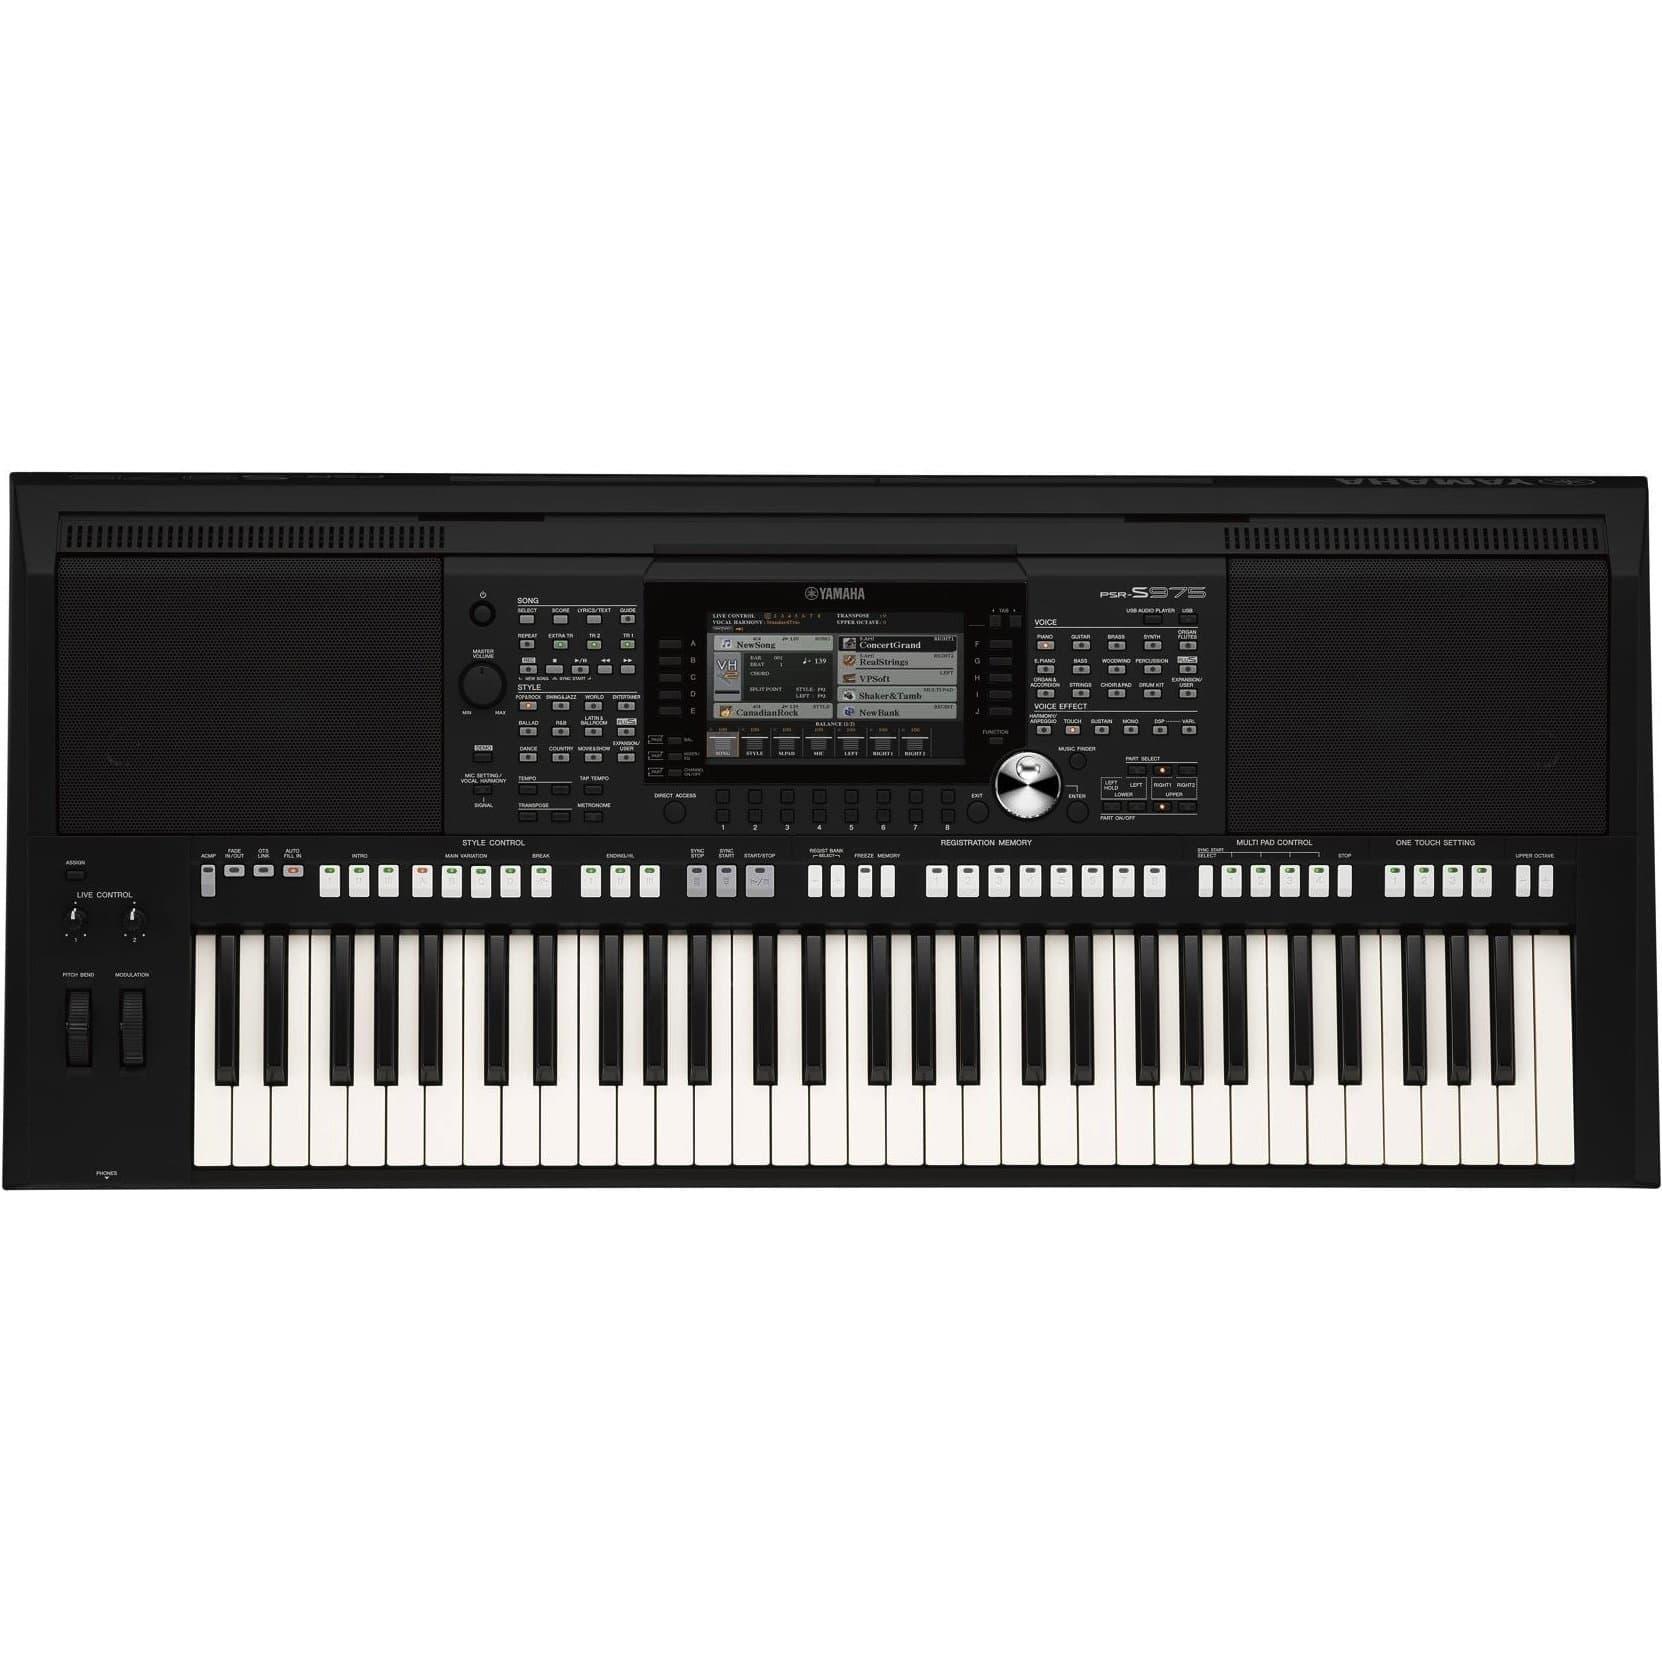 a08c914bfad2f0 YAMAHA PSR-S975 WORKSTATION ARRANGER KEYBOARD | Paul Bothner Music ...